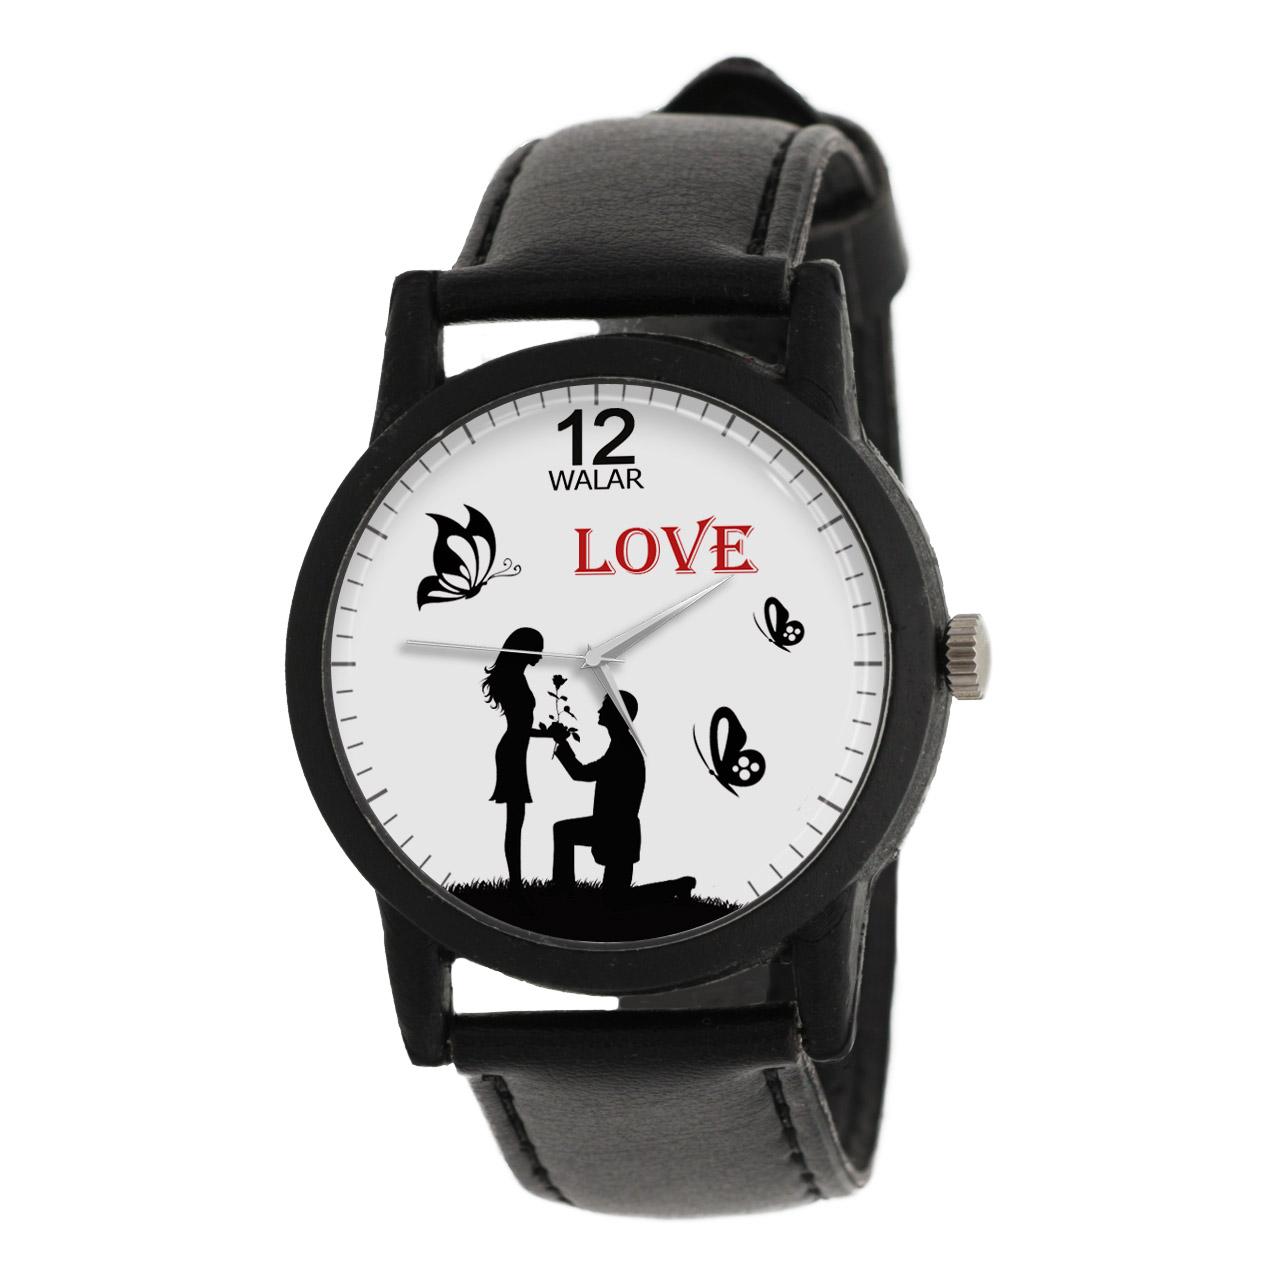 ساعت مچی عقربه ای زنانه والار مدل LF1301 31